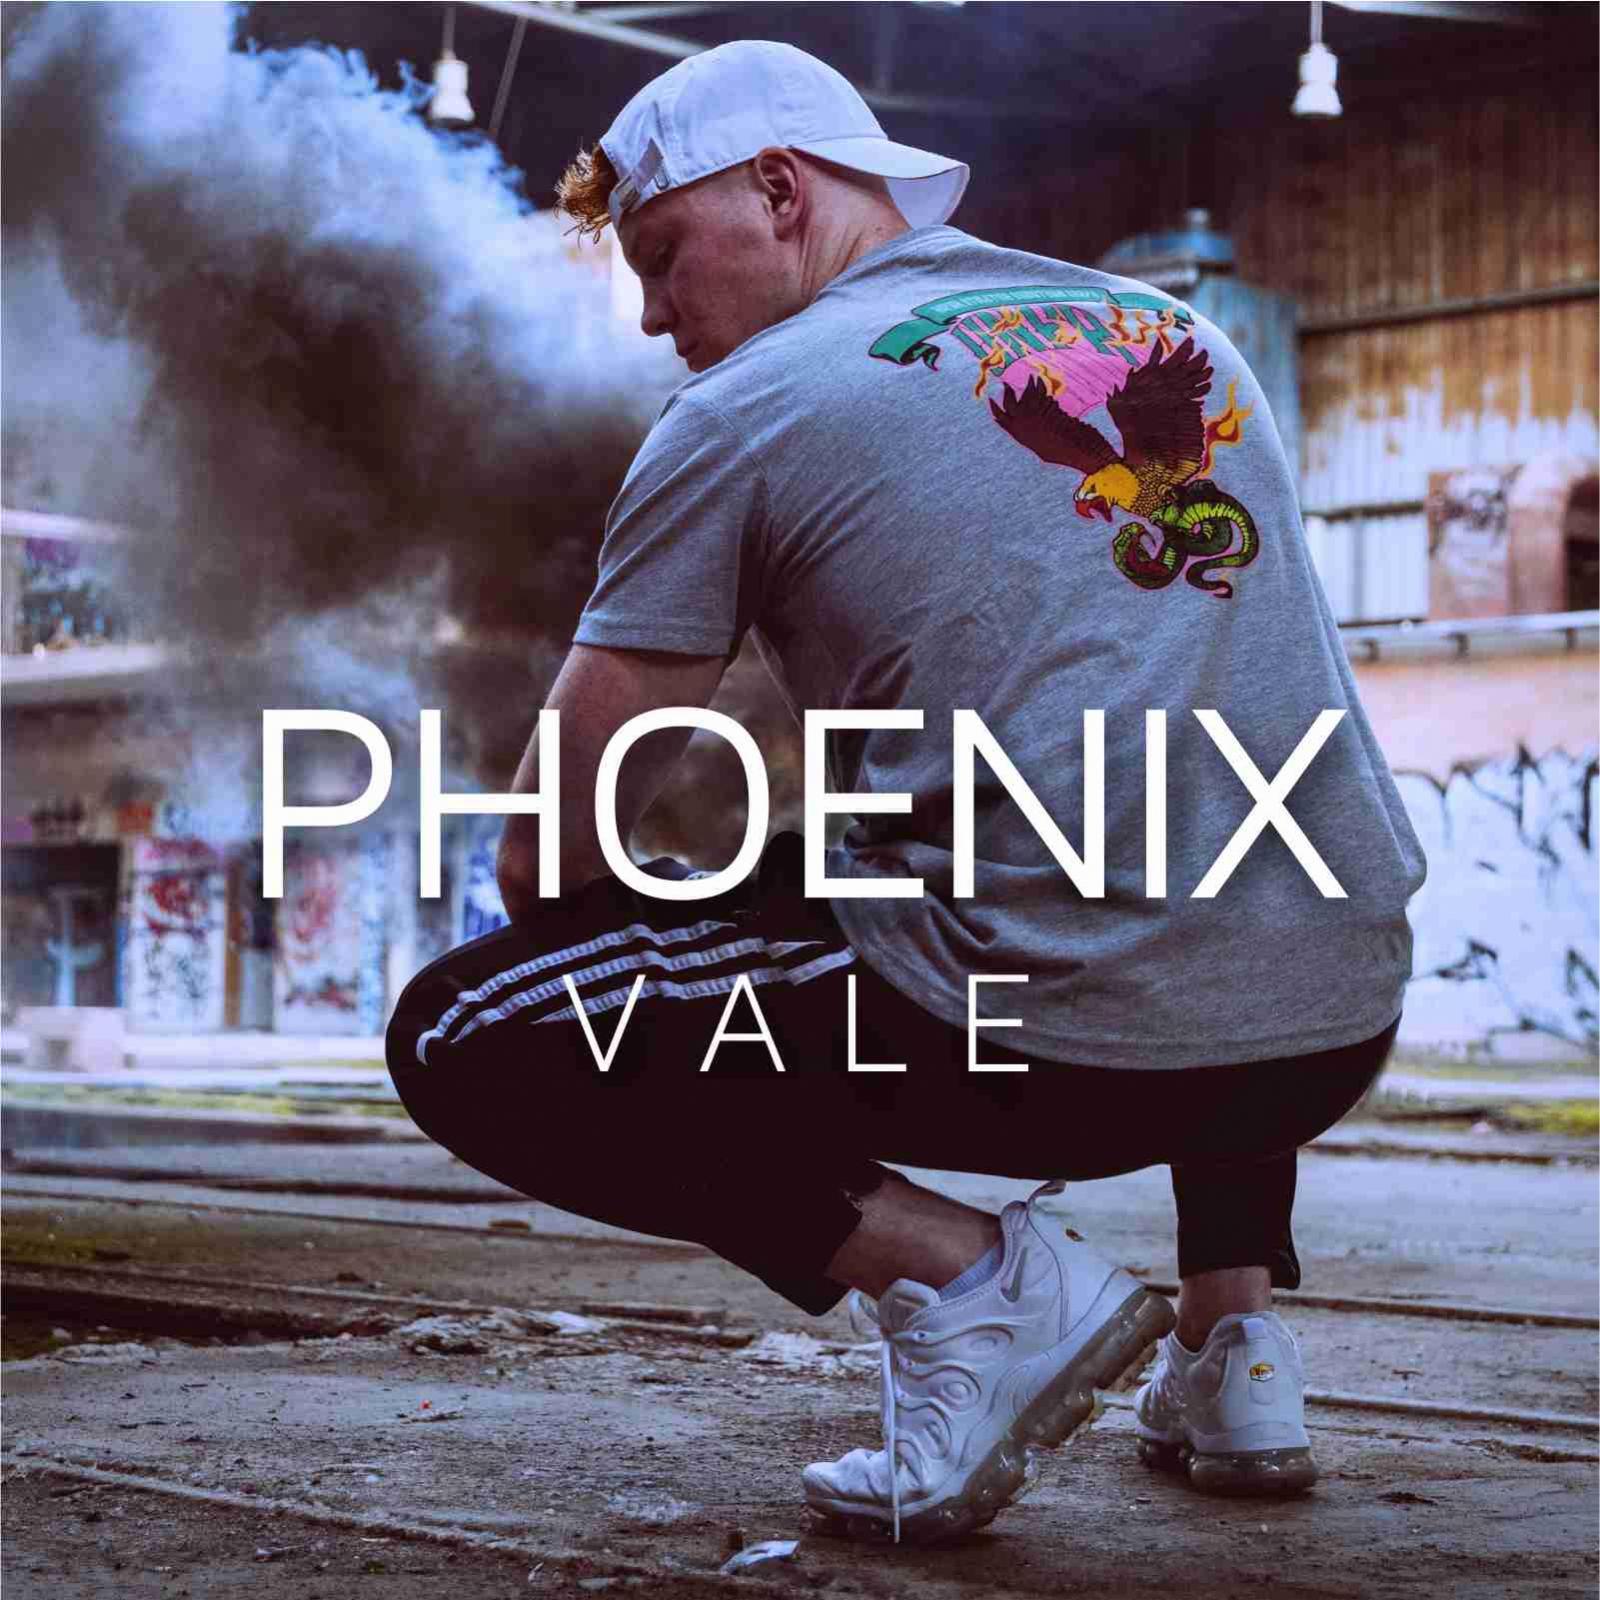 Upcoming: Vale - Phoenix